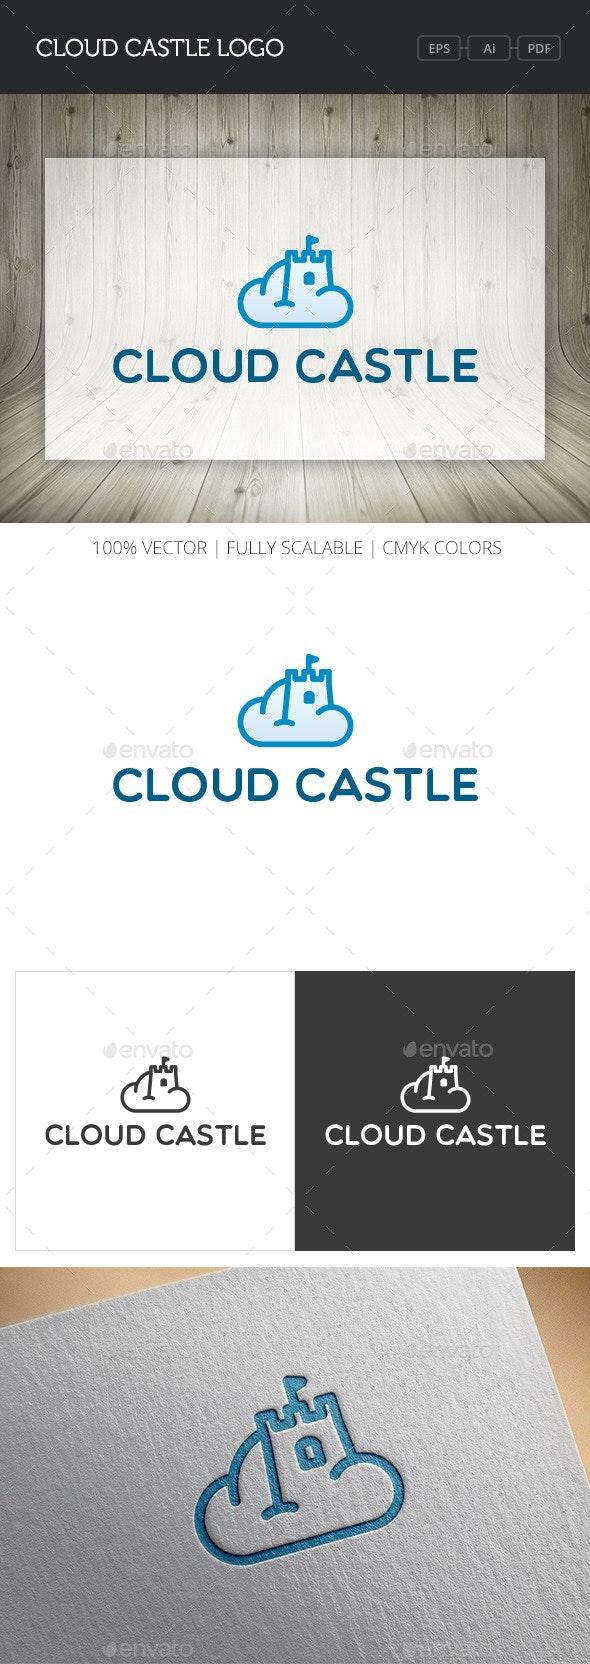 Cloud Castle Logo - Buildings Logo Templates